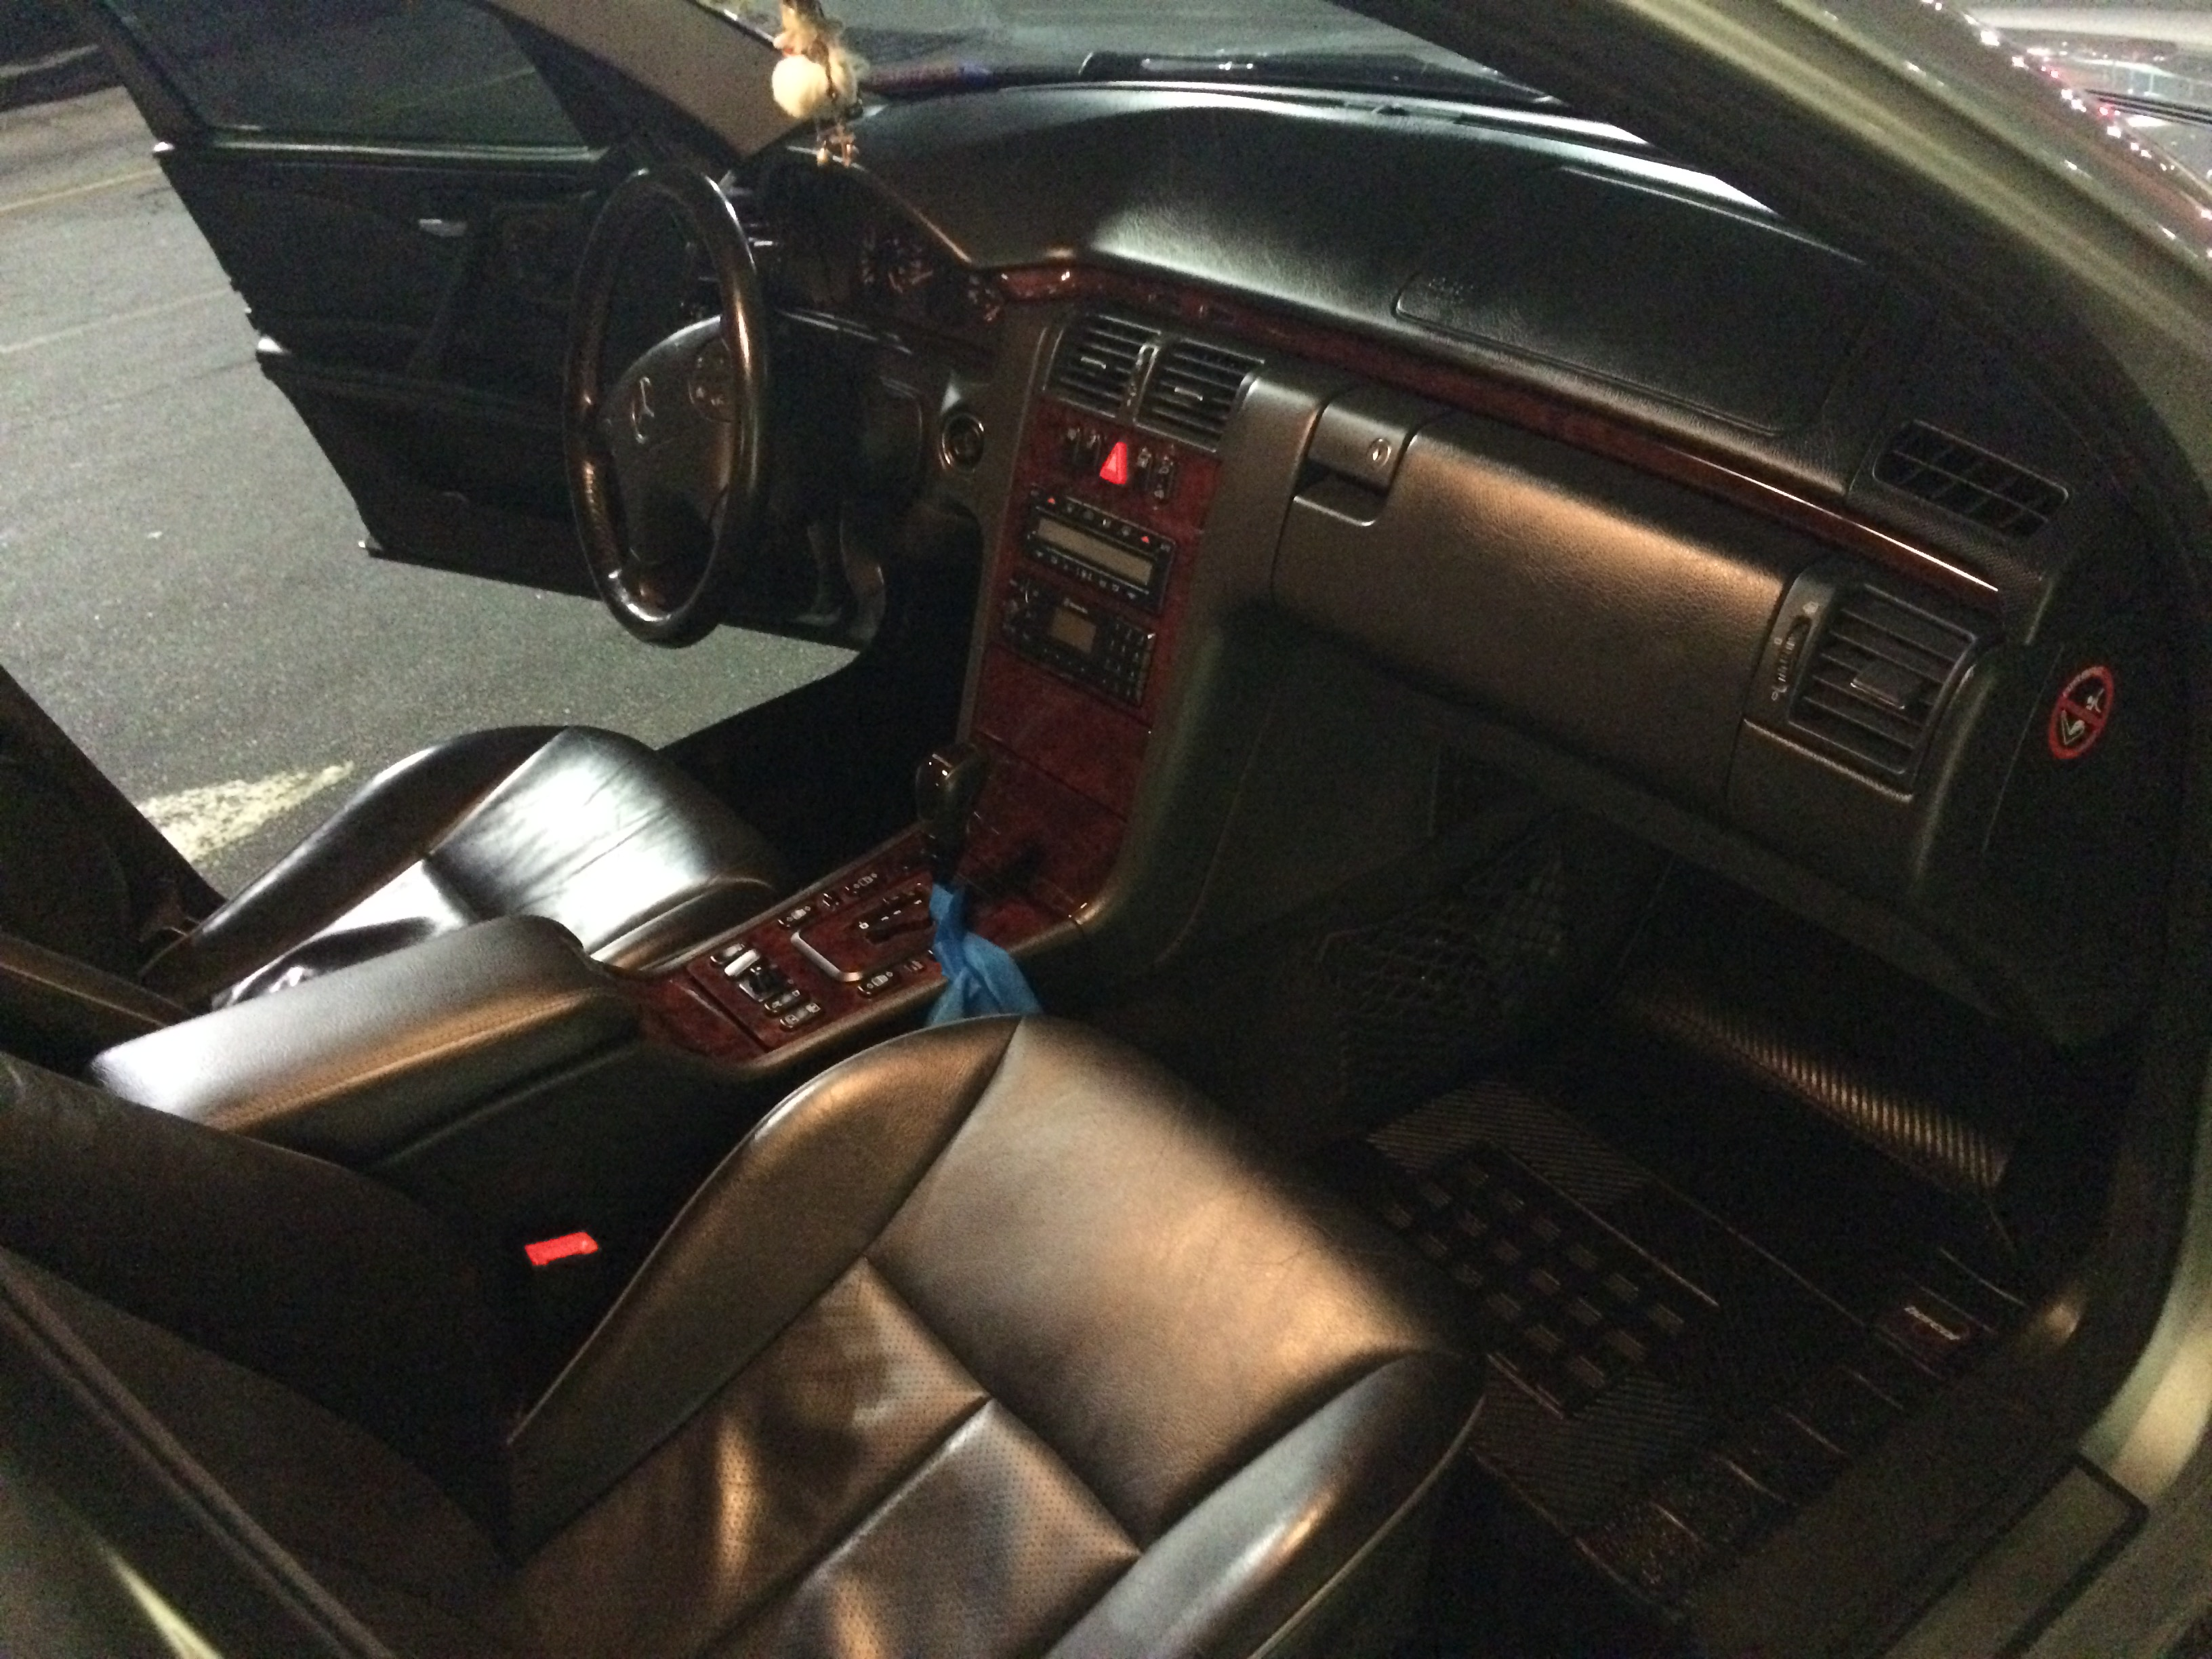 (VENDO): W210 E320 Elegance 2001 - R$37.000,00 - ARQUIVO DuFrZm